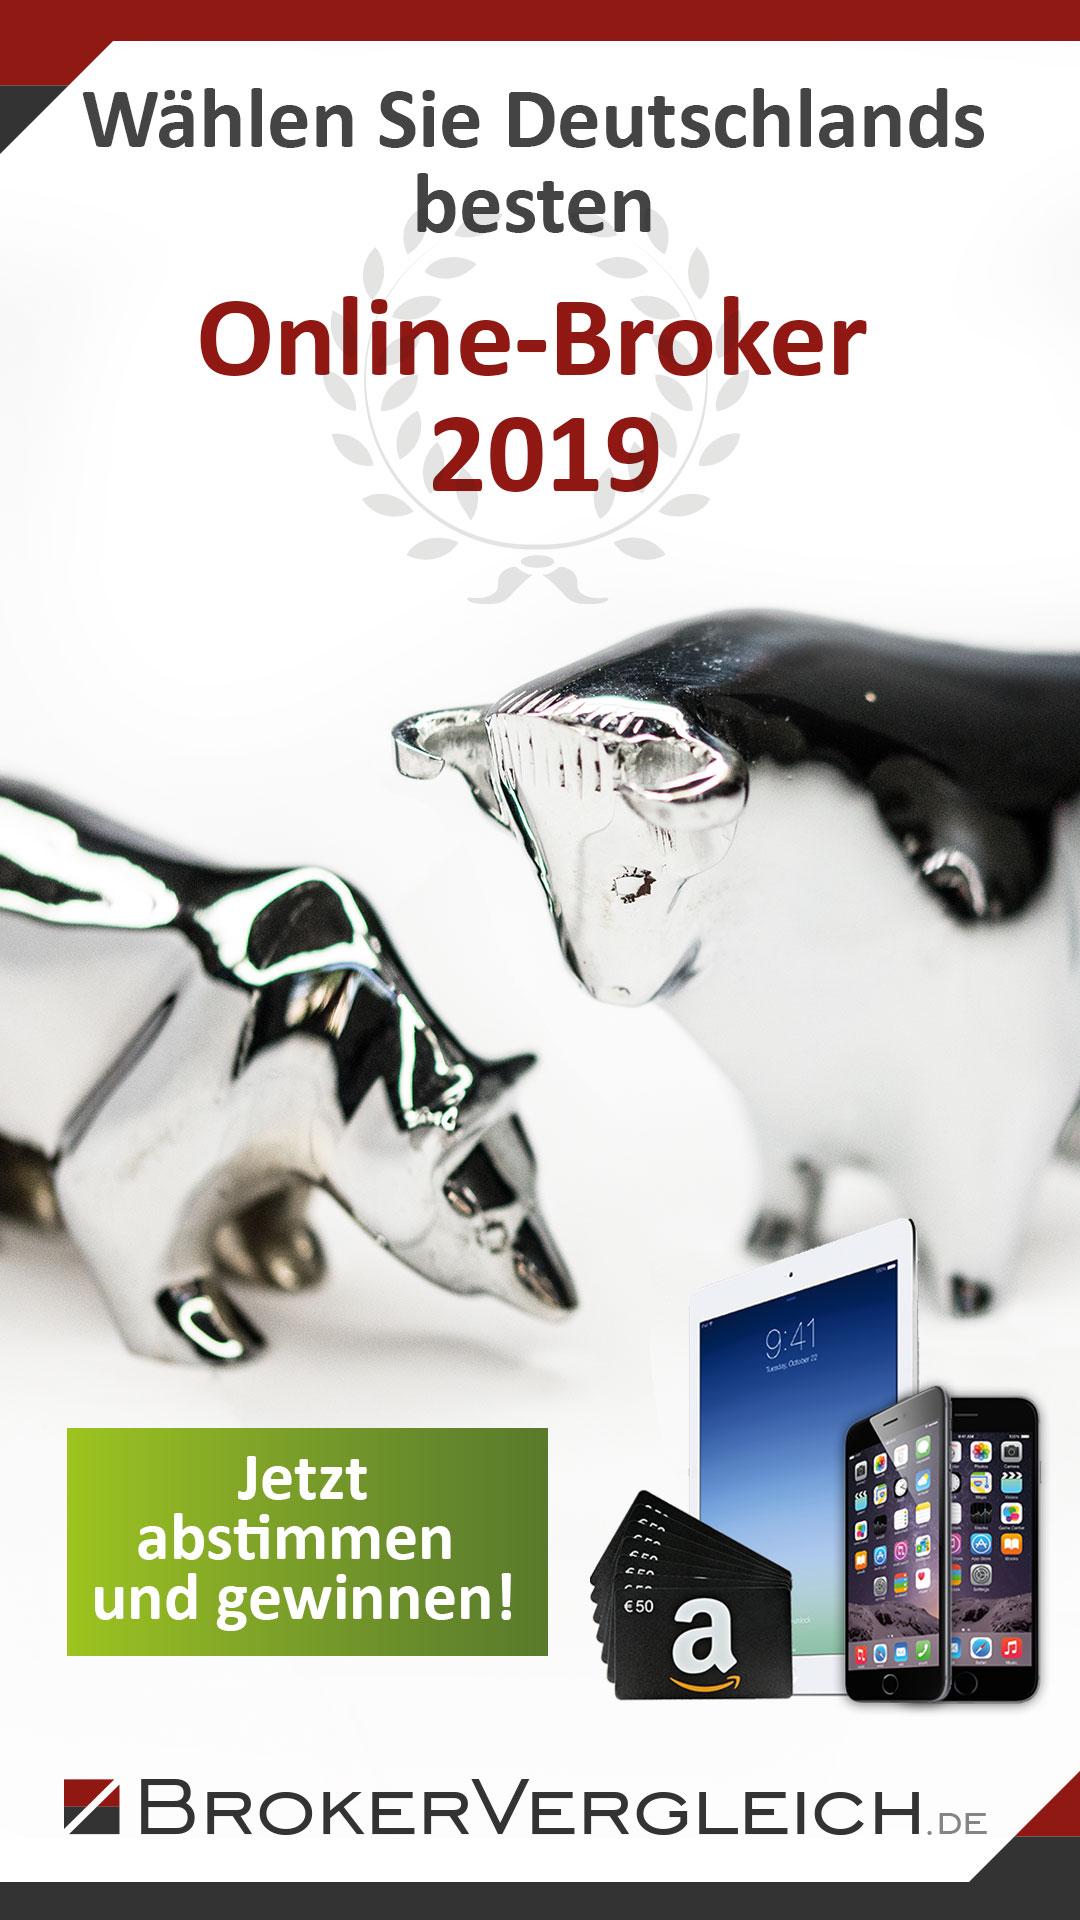 online-broker-2019-brokervergleich-de-instagram-banner.jpg